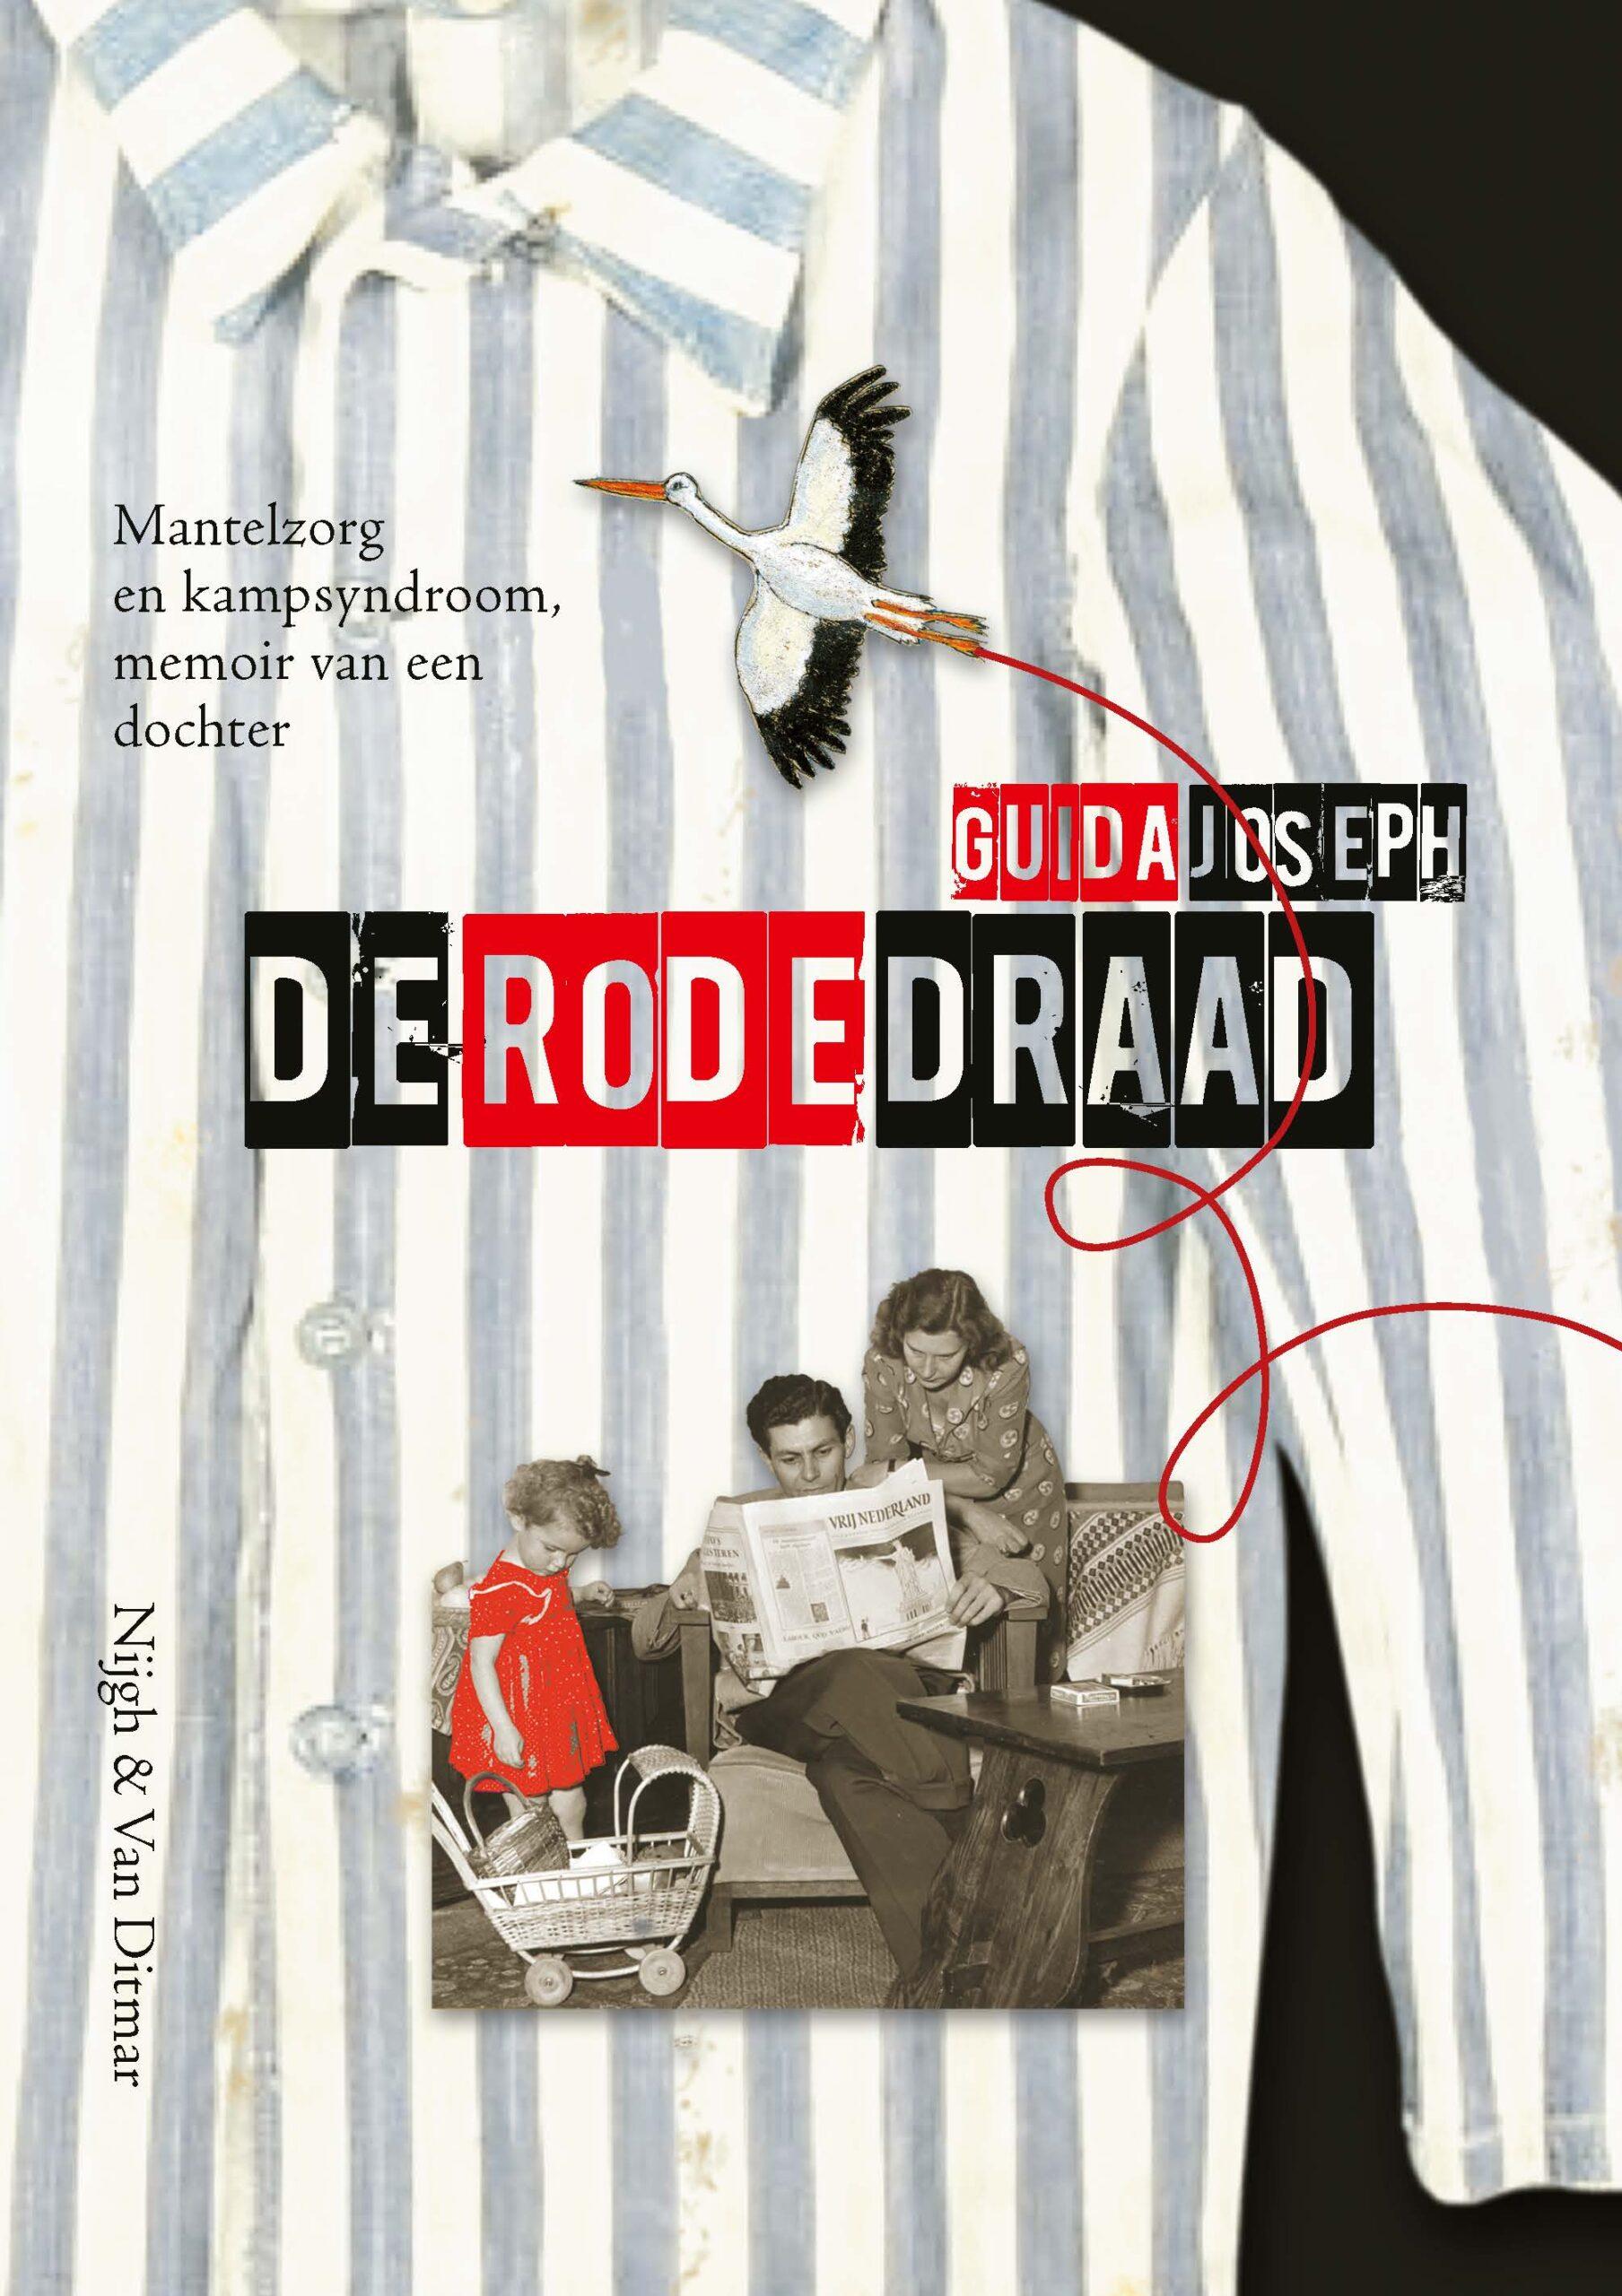 De rode draad - boekenflits.nl